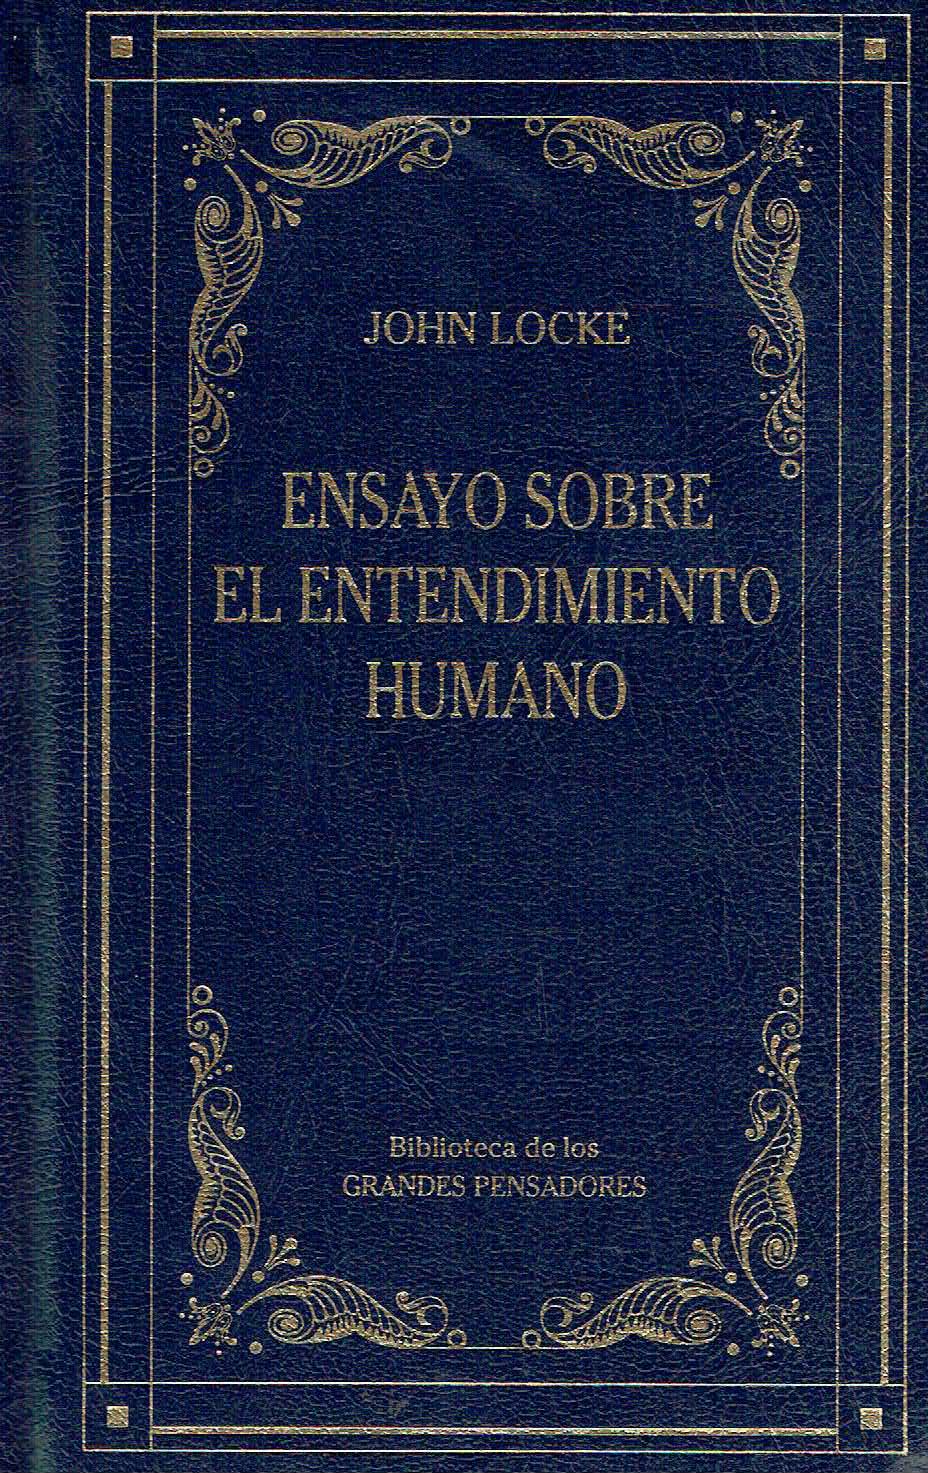 Ensayo sobre el entendimiento humano - John Locke